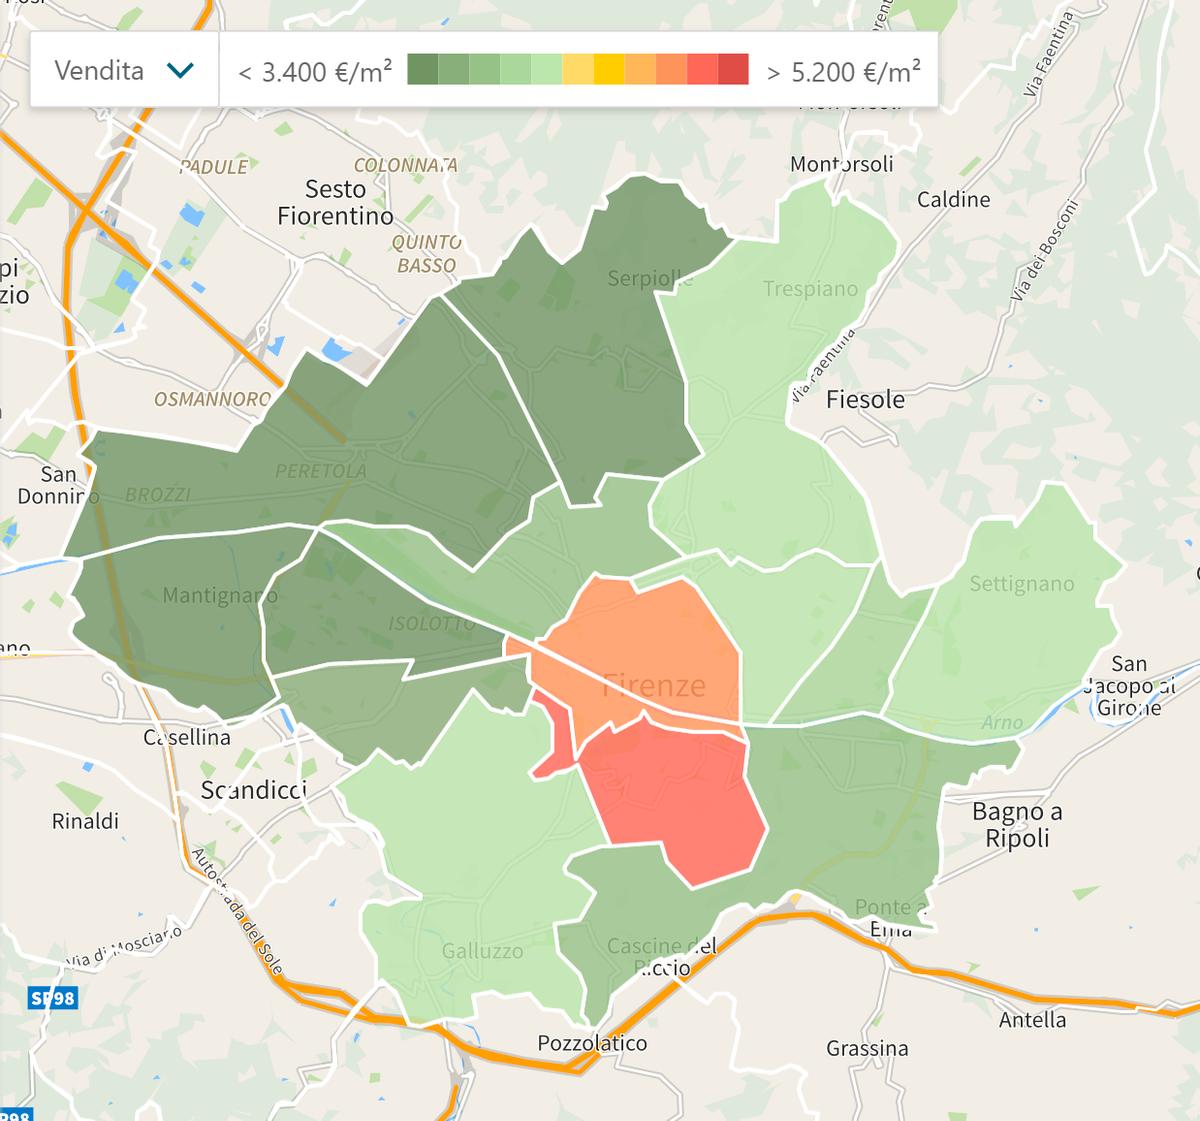 На этой карте цветом показаны более дорогие и более дешевые районы. Как ни странно, исторический центр не самый дорогой. Источник: Immobiliare